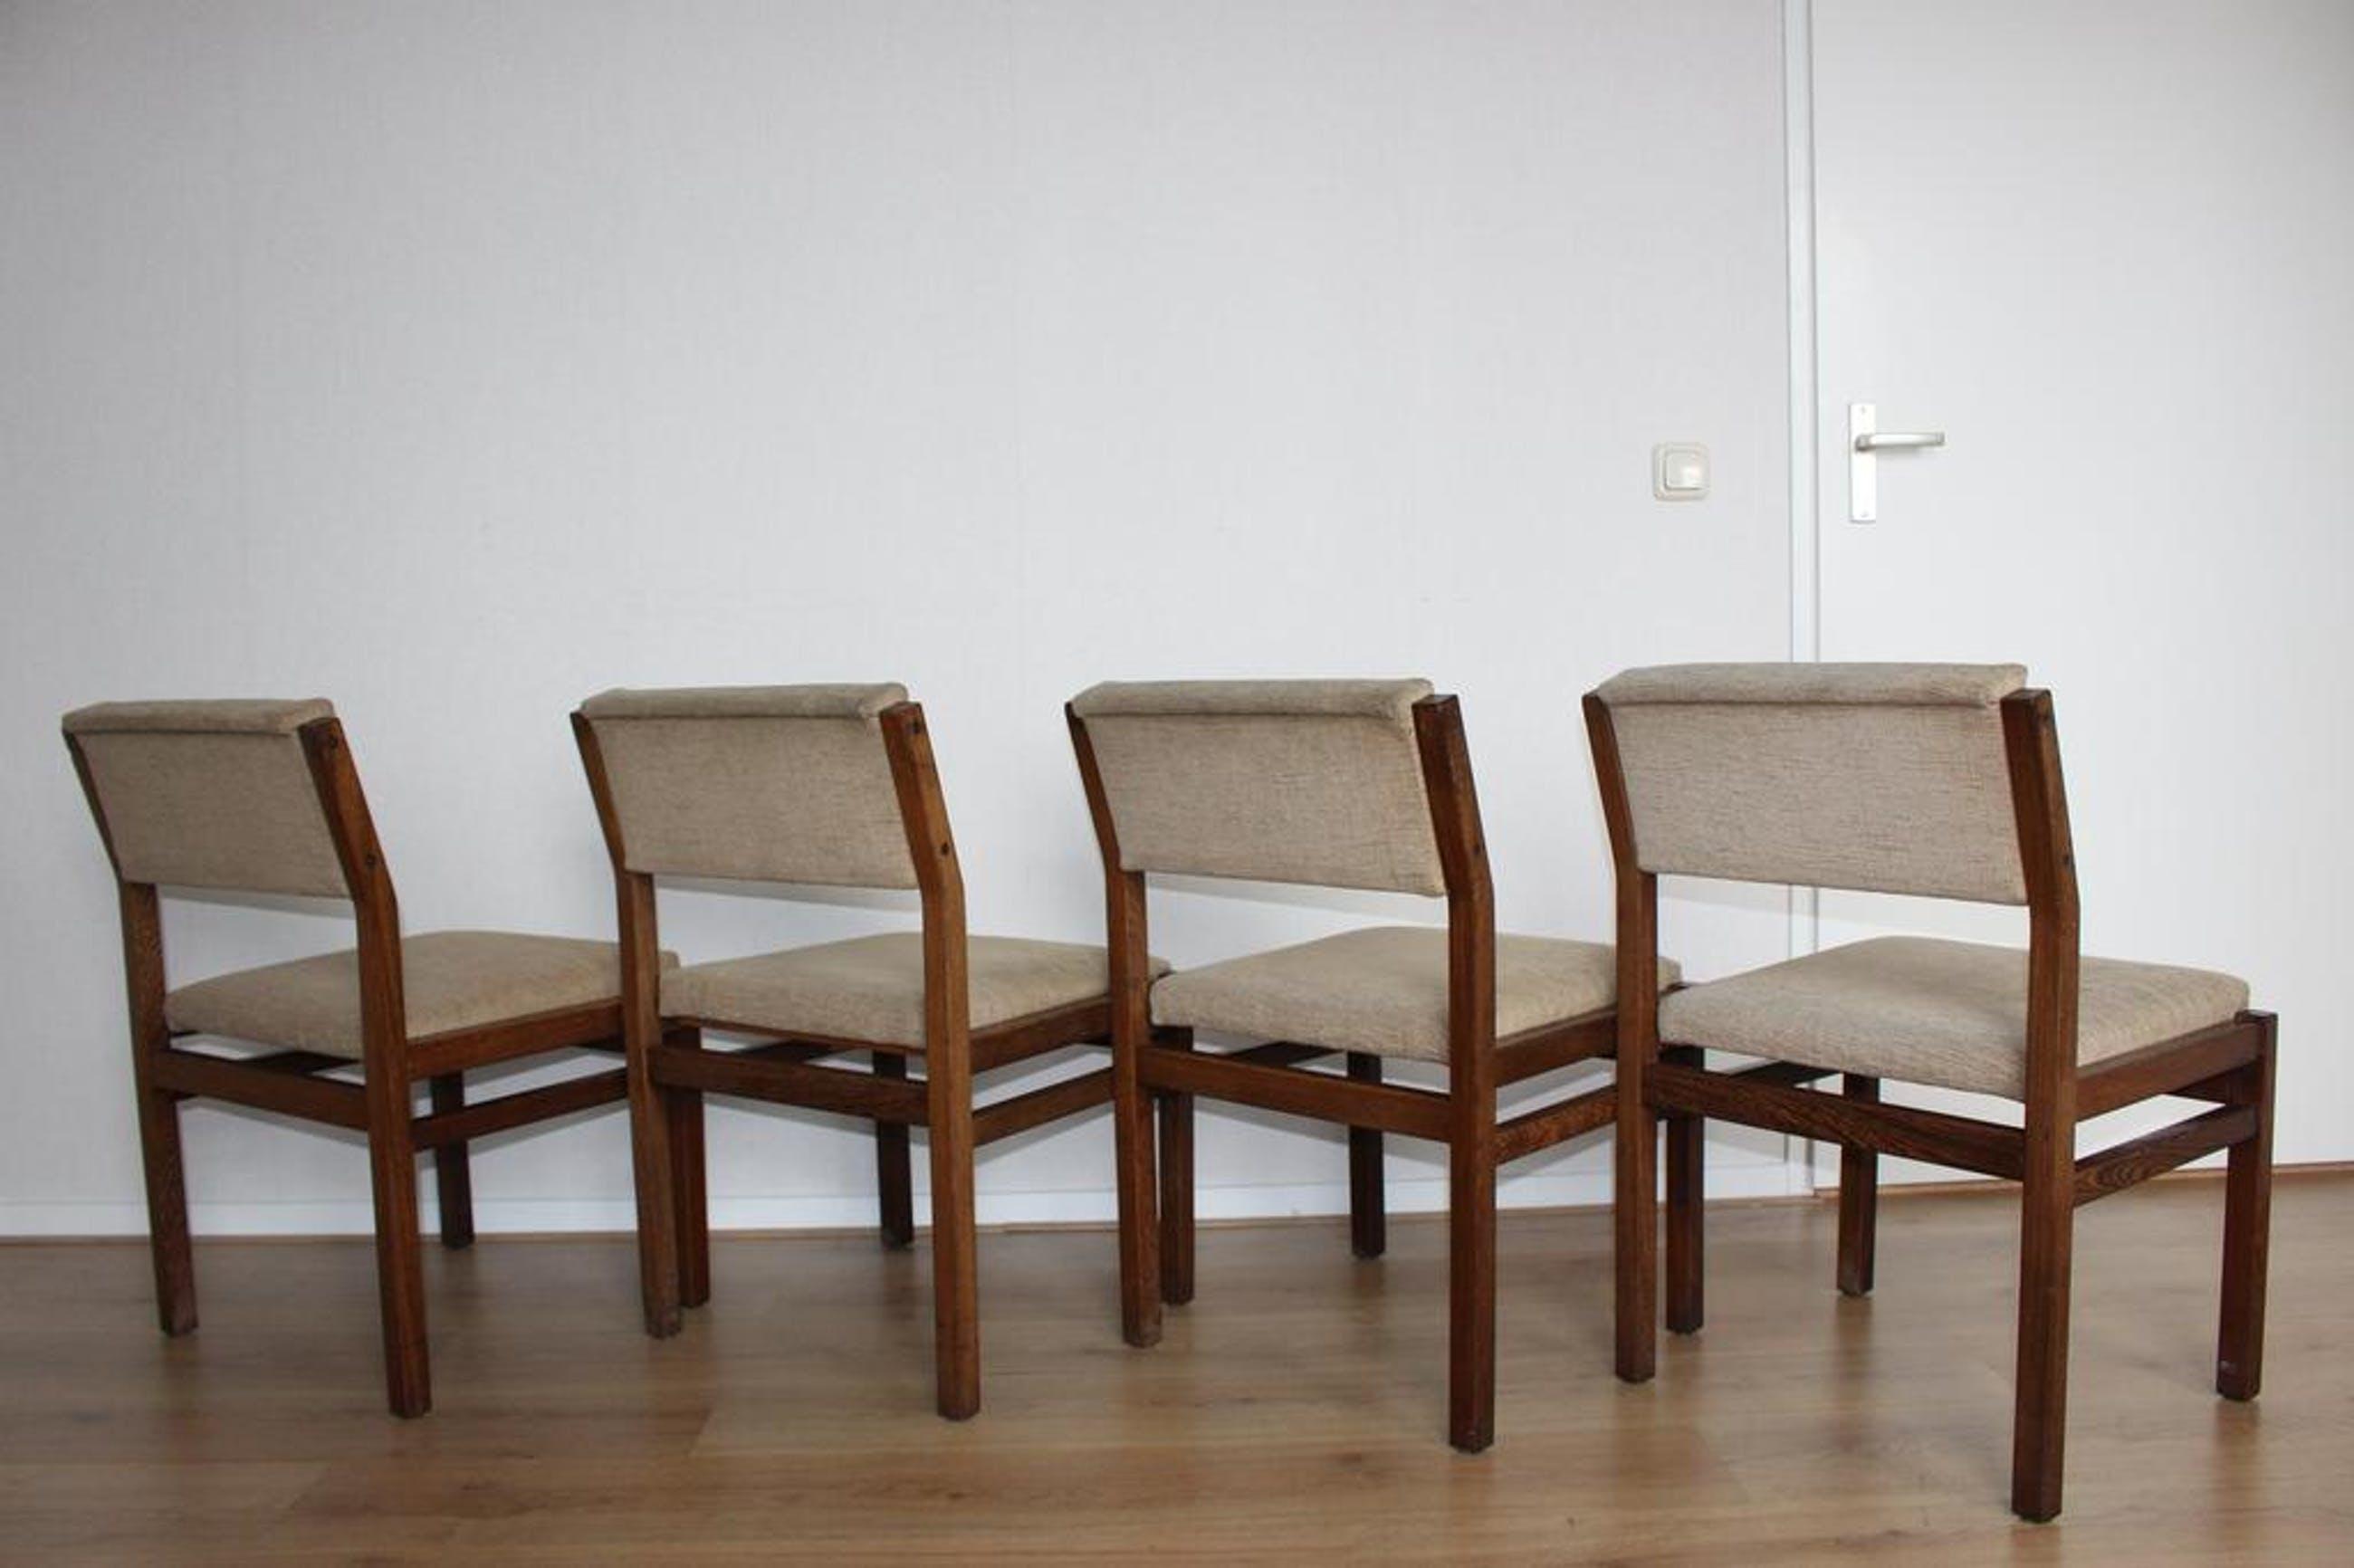 Design Pastoe Stoelen : Cees braakman voor pastoe stoelen uit de japanse serie model